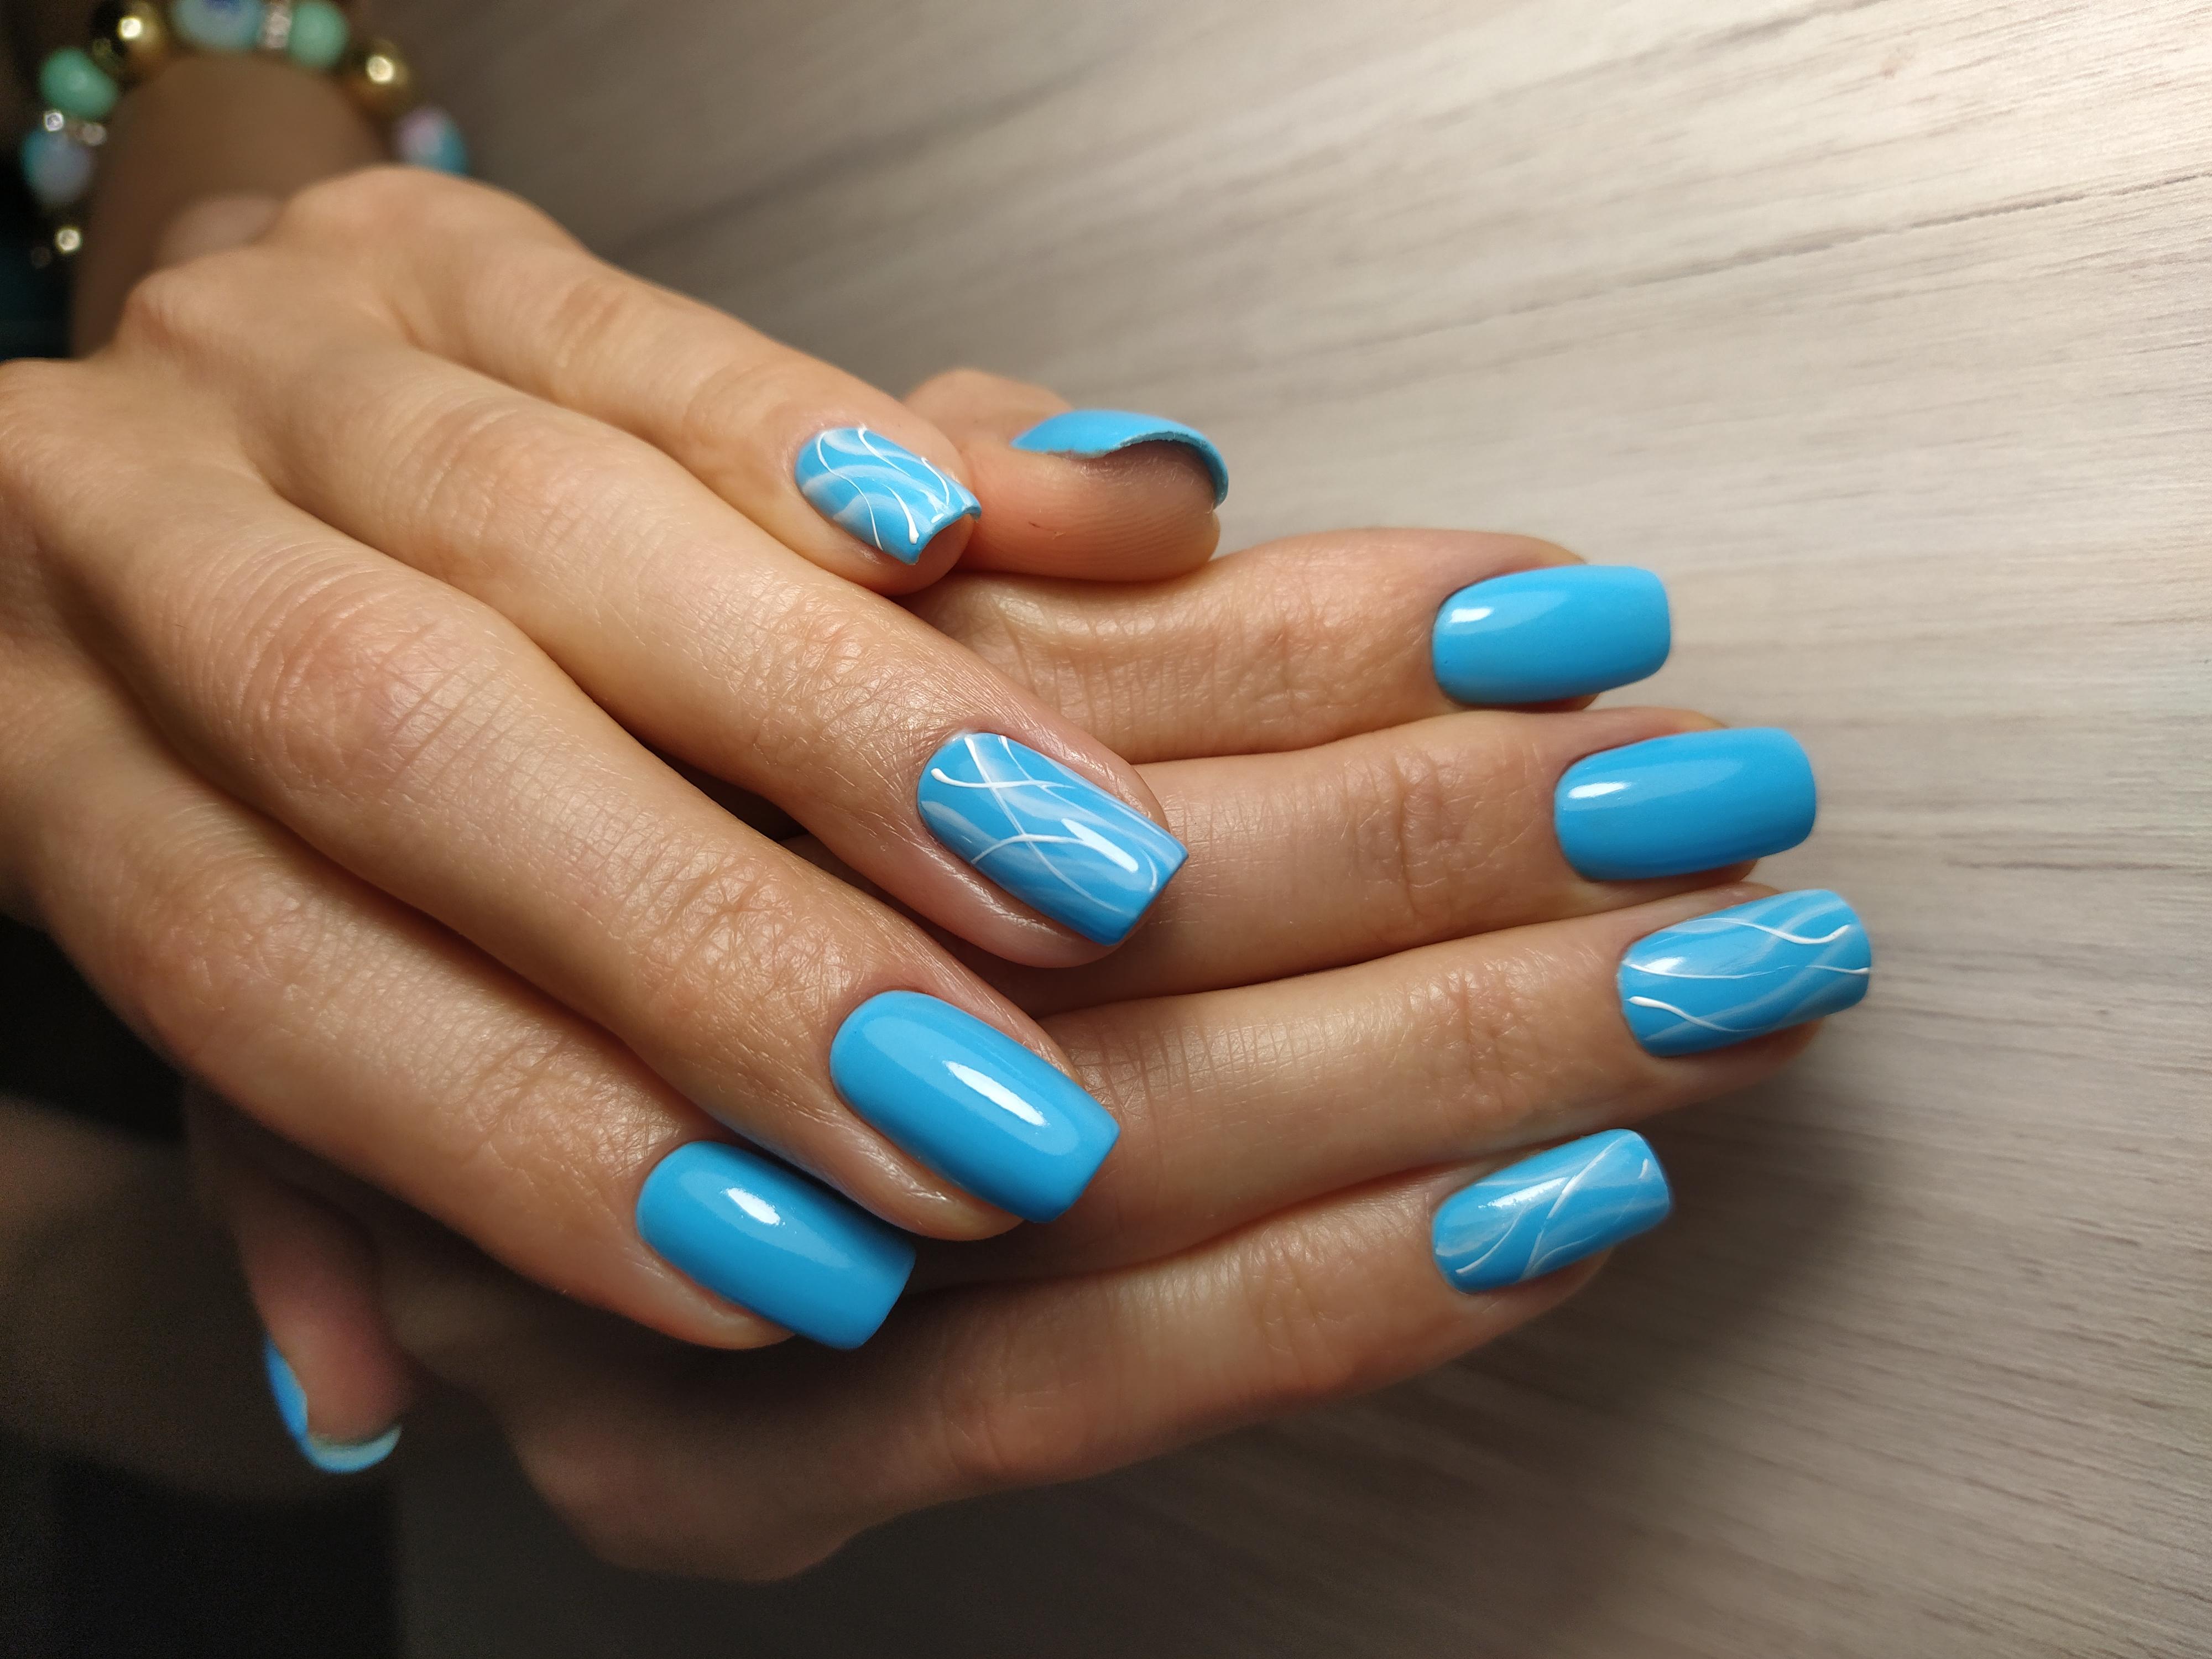 Маникюр рисунком в голубом цвете на длинные ногти.